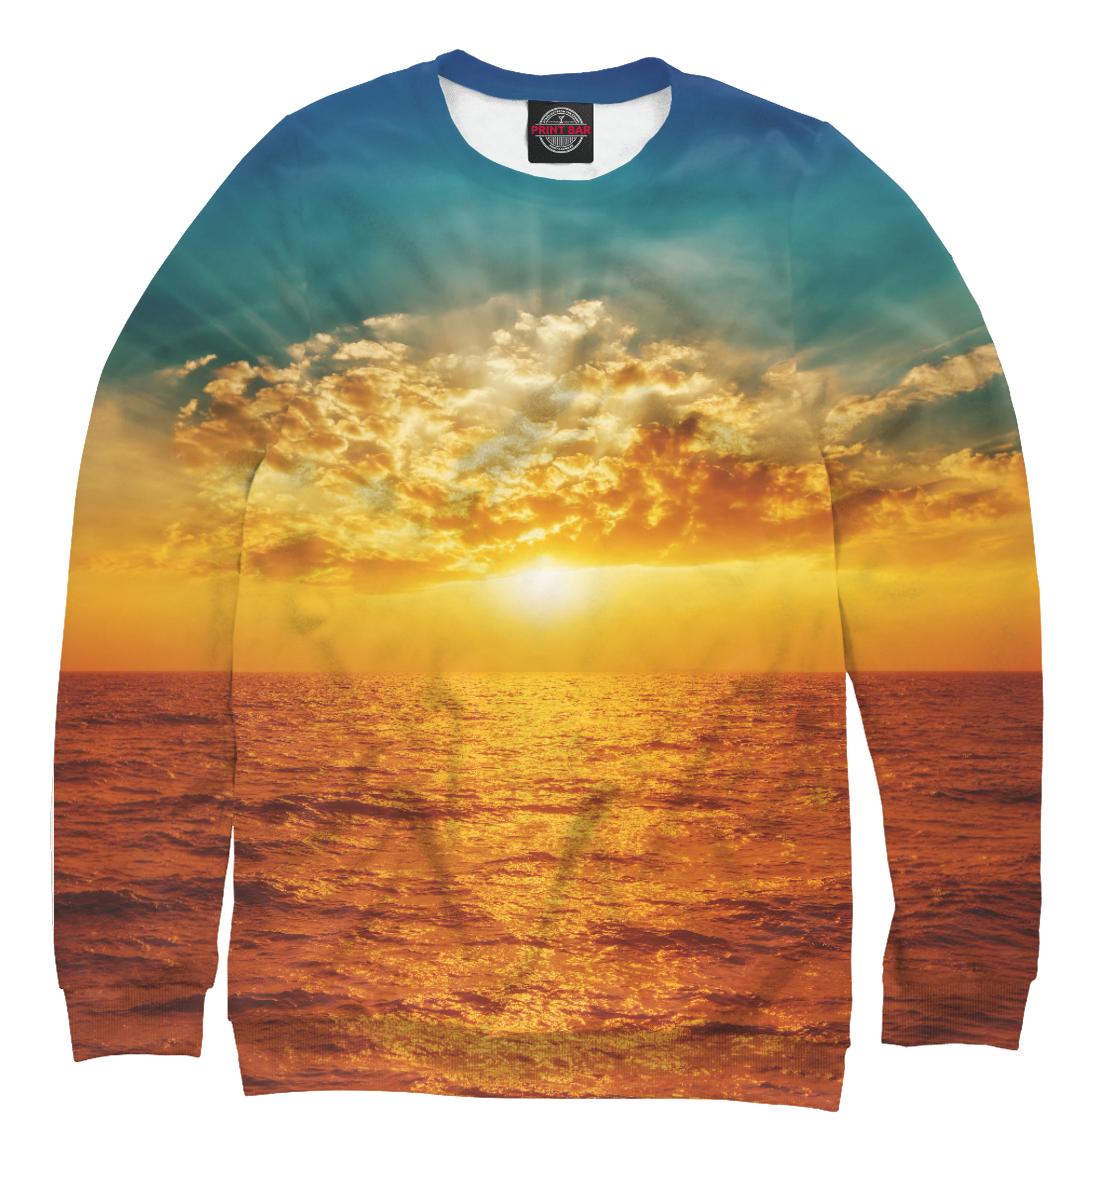 Купить Прекрасный морской закат, Printbar, Свитшоты, MST-807617-swi-2